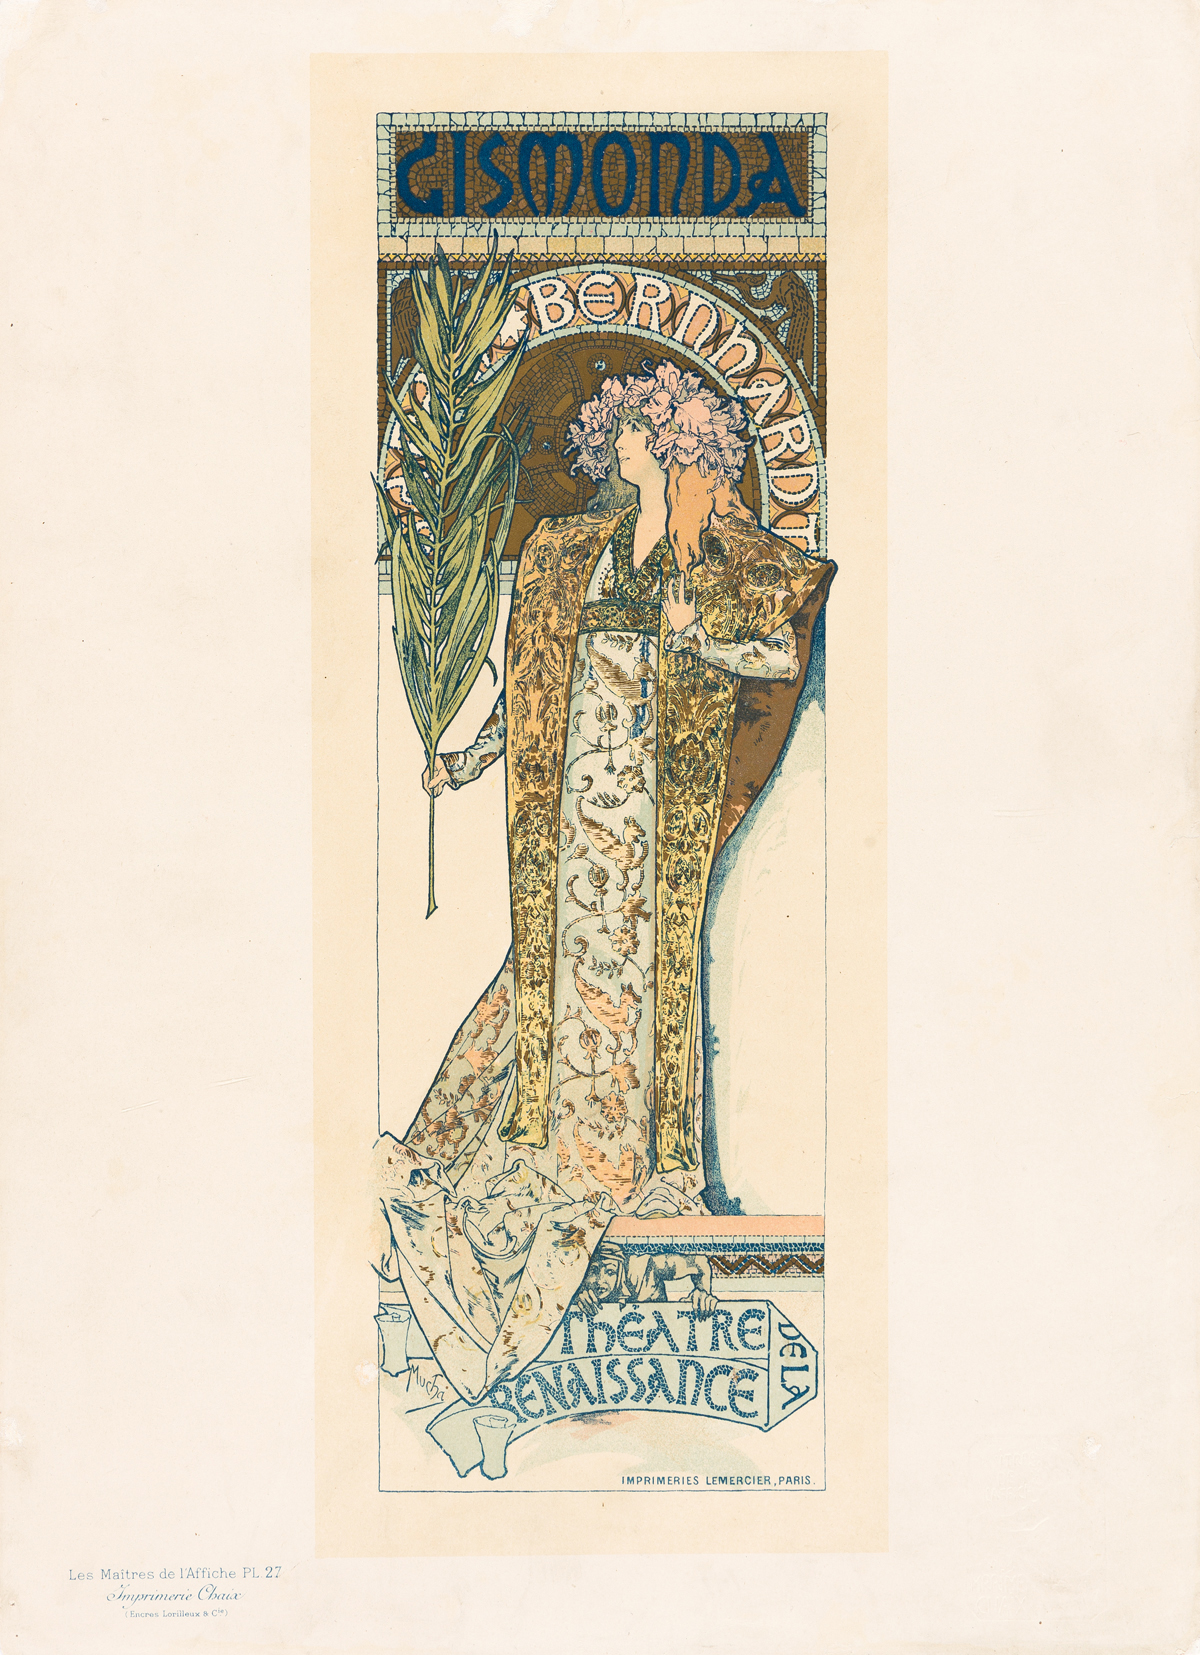 ALPHONSE MUCHA (1860-1939).  GISMONDA. Maîtres de lAffiche pl. 27. 1896. 15x11 inches, 40x29 cm. Chaix, Paris.